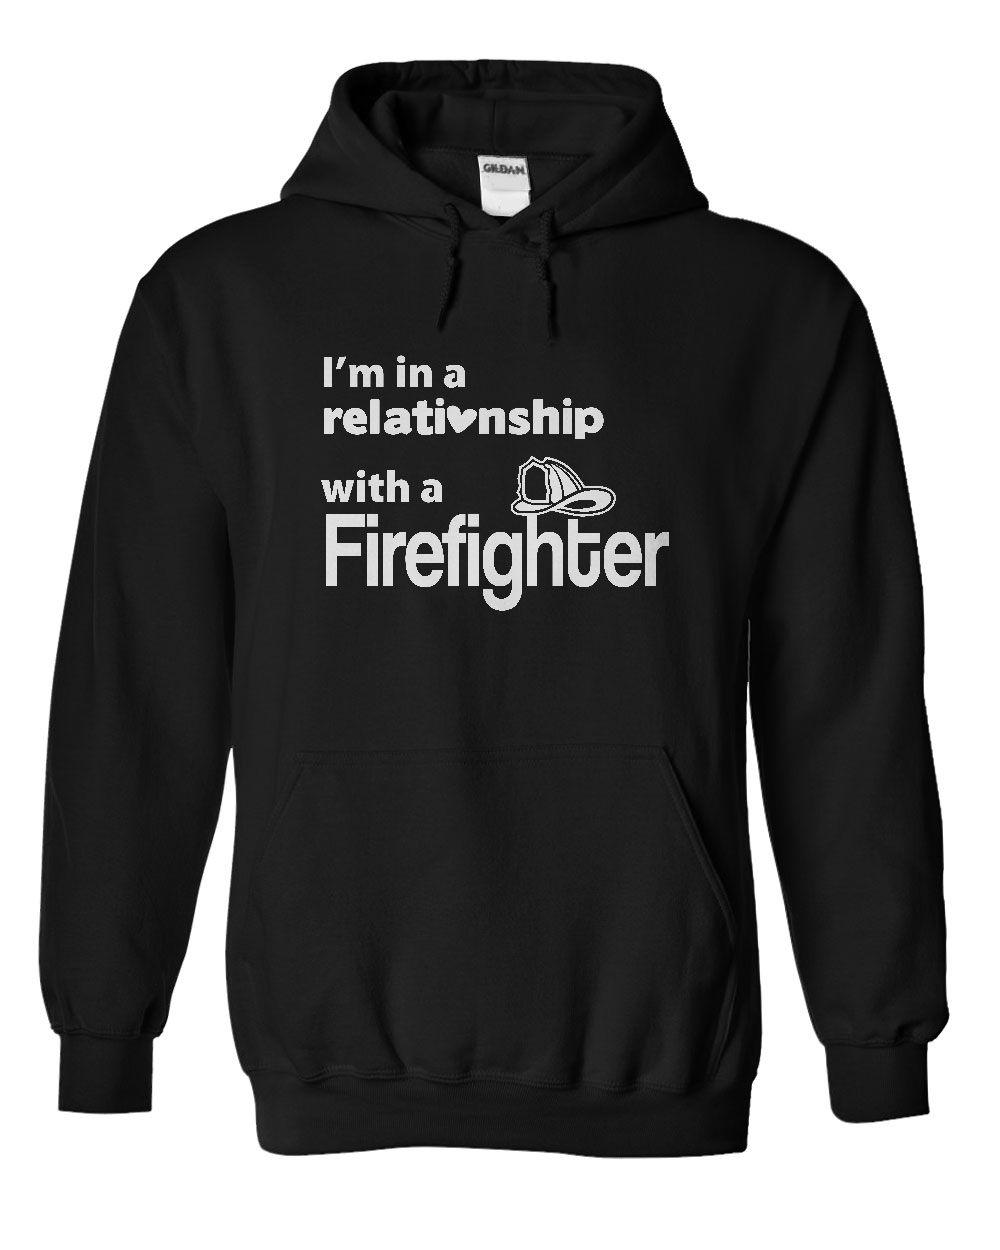 消防士との関係を持つ